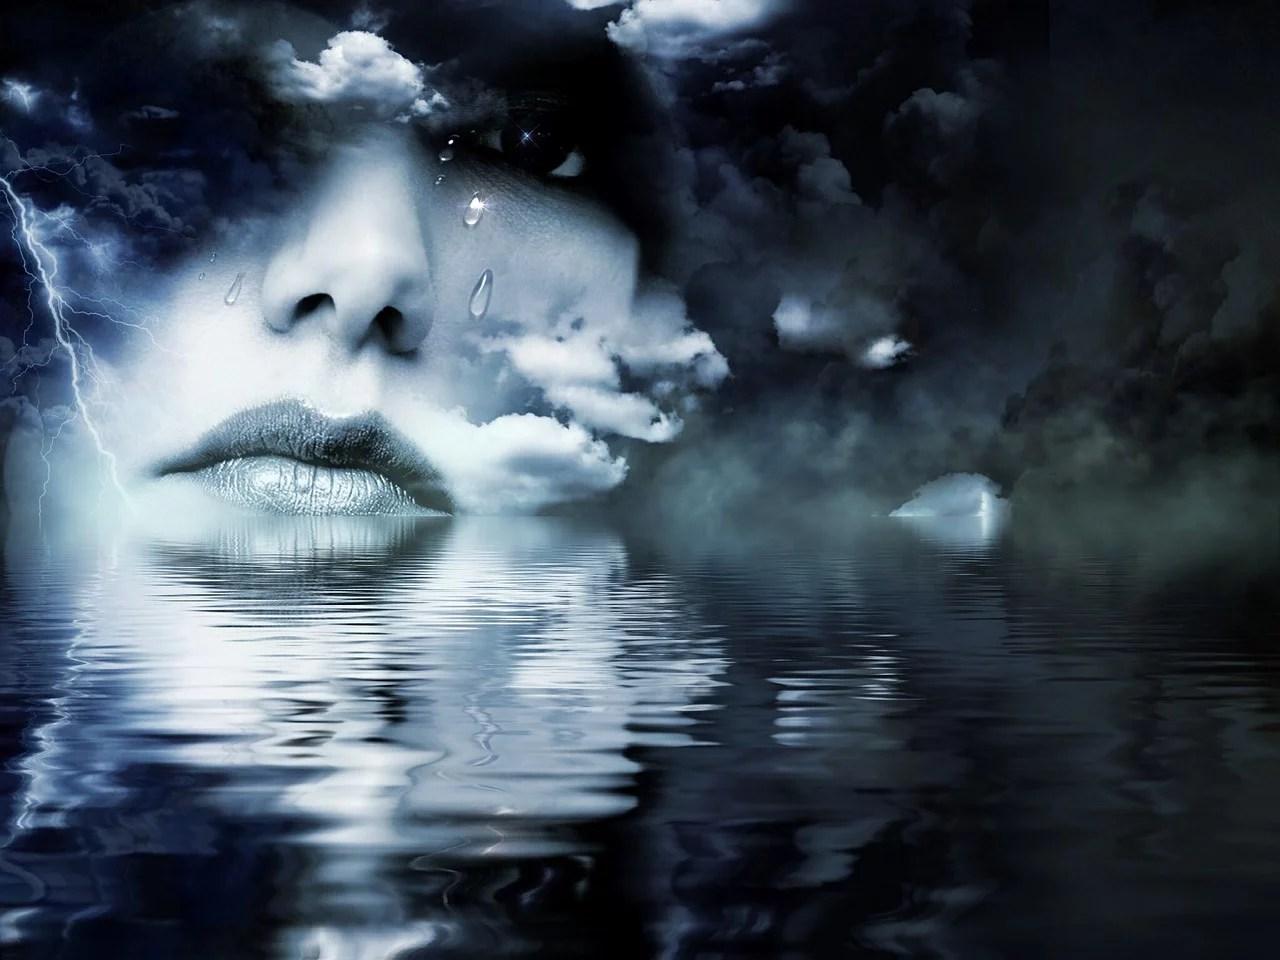 imagen_mujer_lago_poemas_musas_letales_entre_mortales